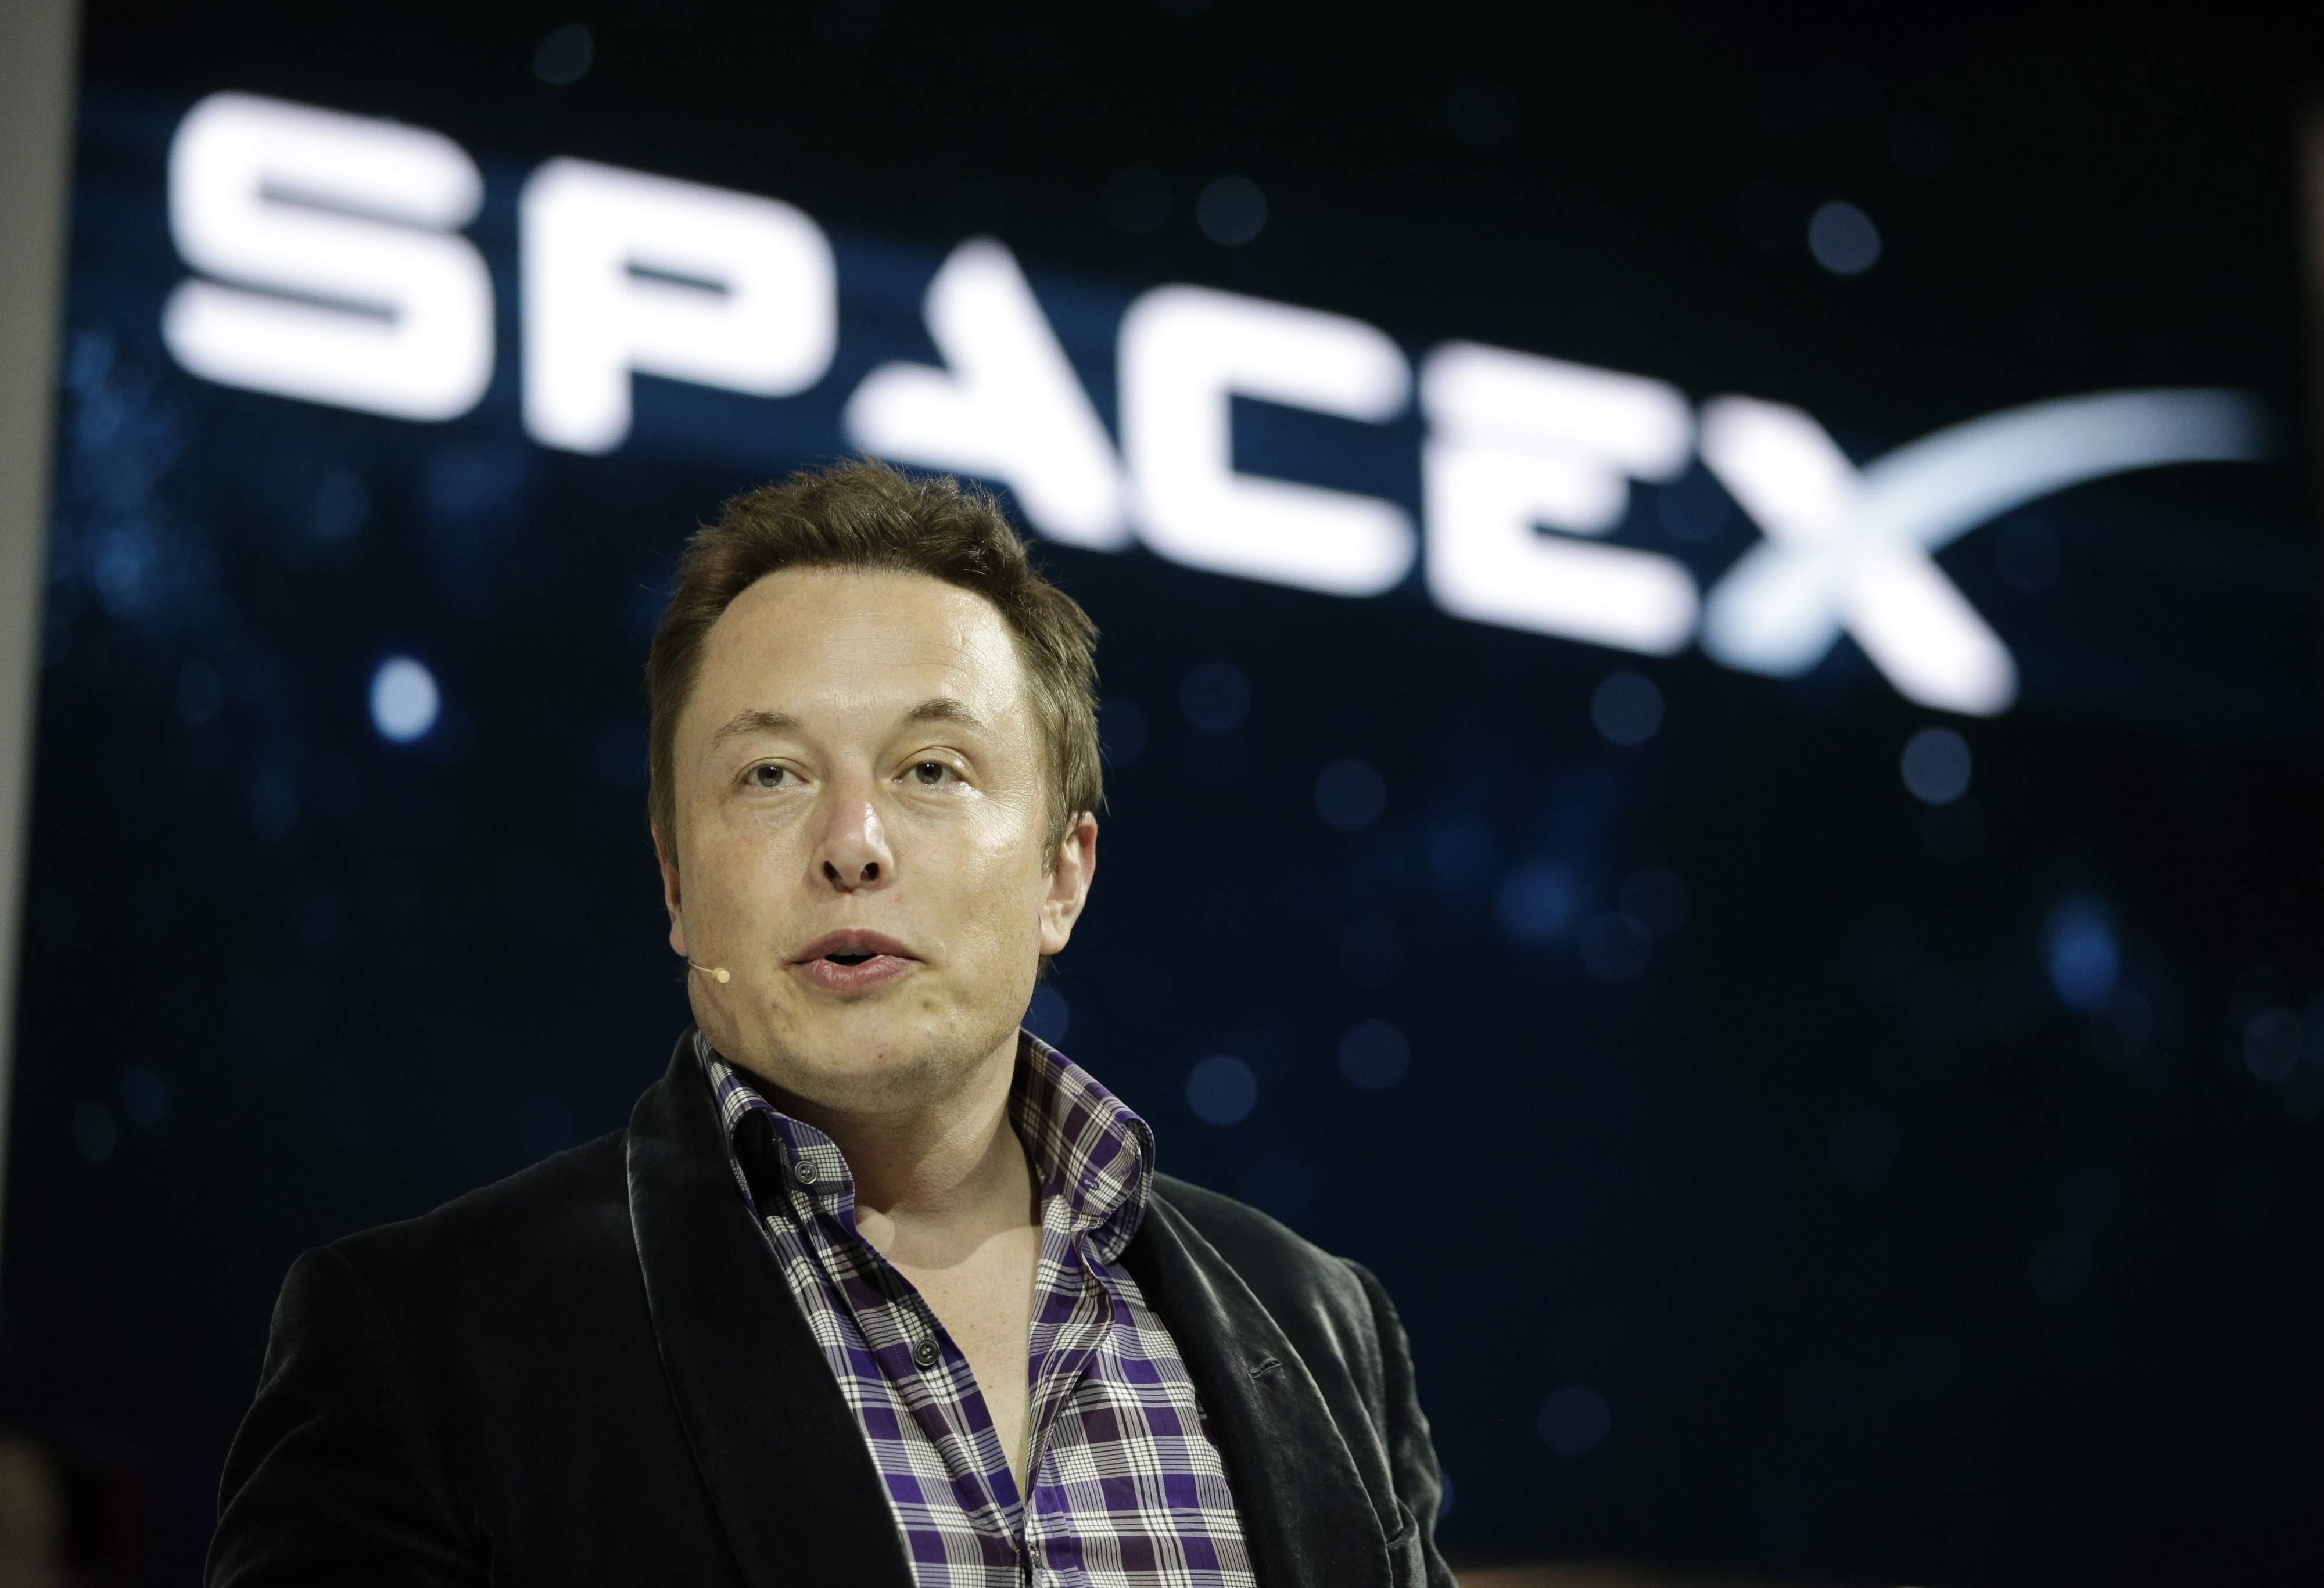 Популярные ракеты Илона Маска признали небезопасными для человека